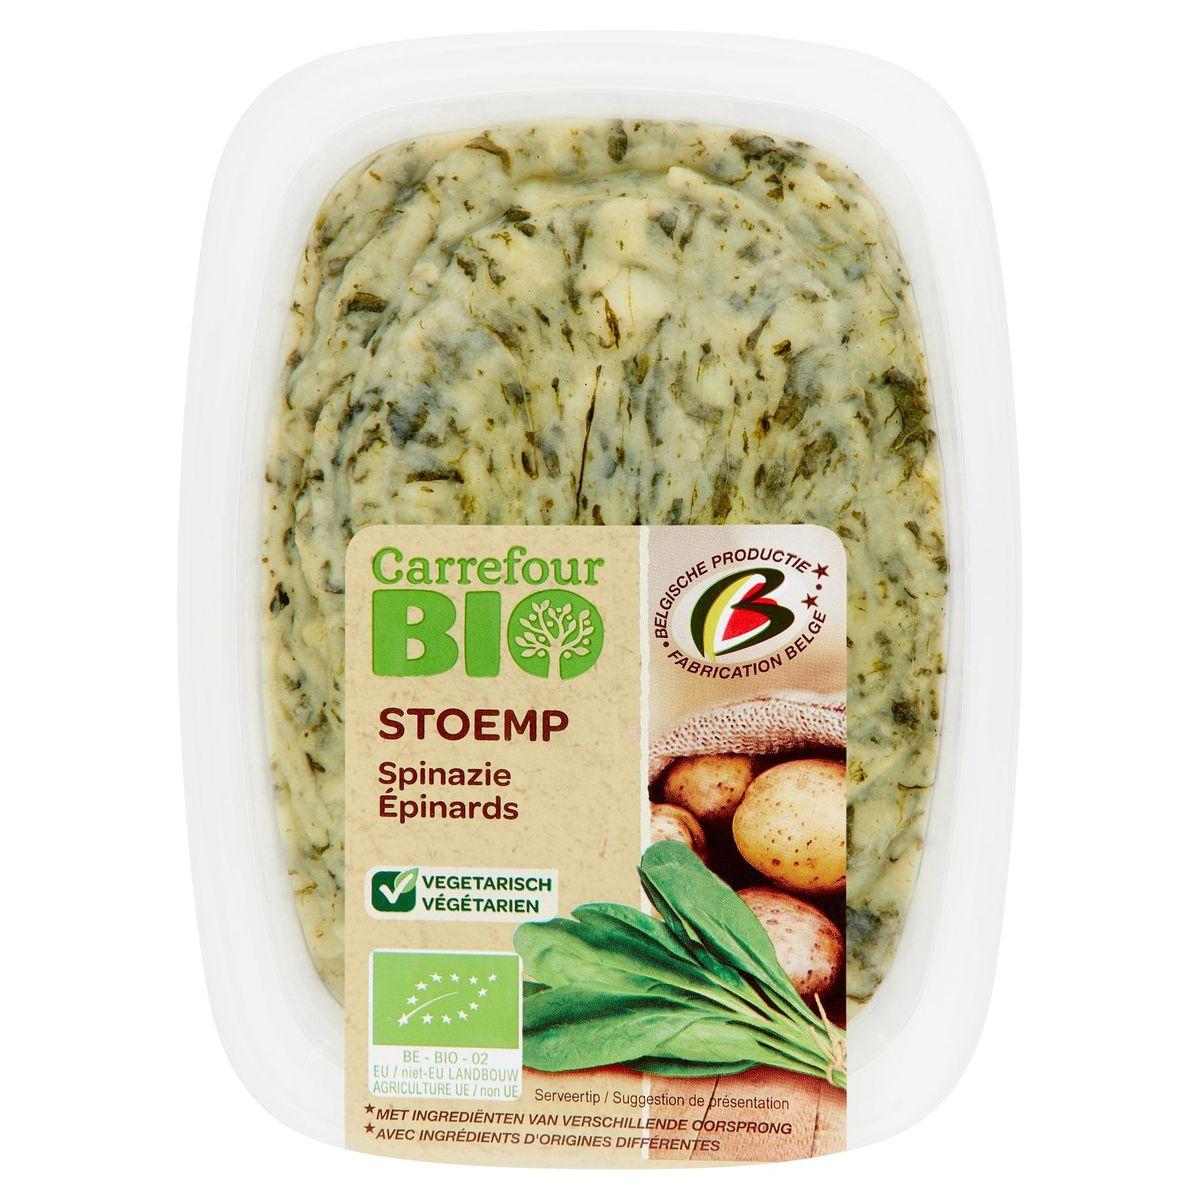 Carrefour Bio Stoemp Spinazie 500 g